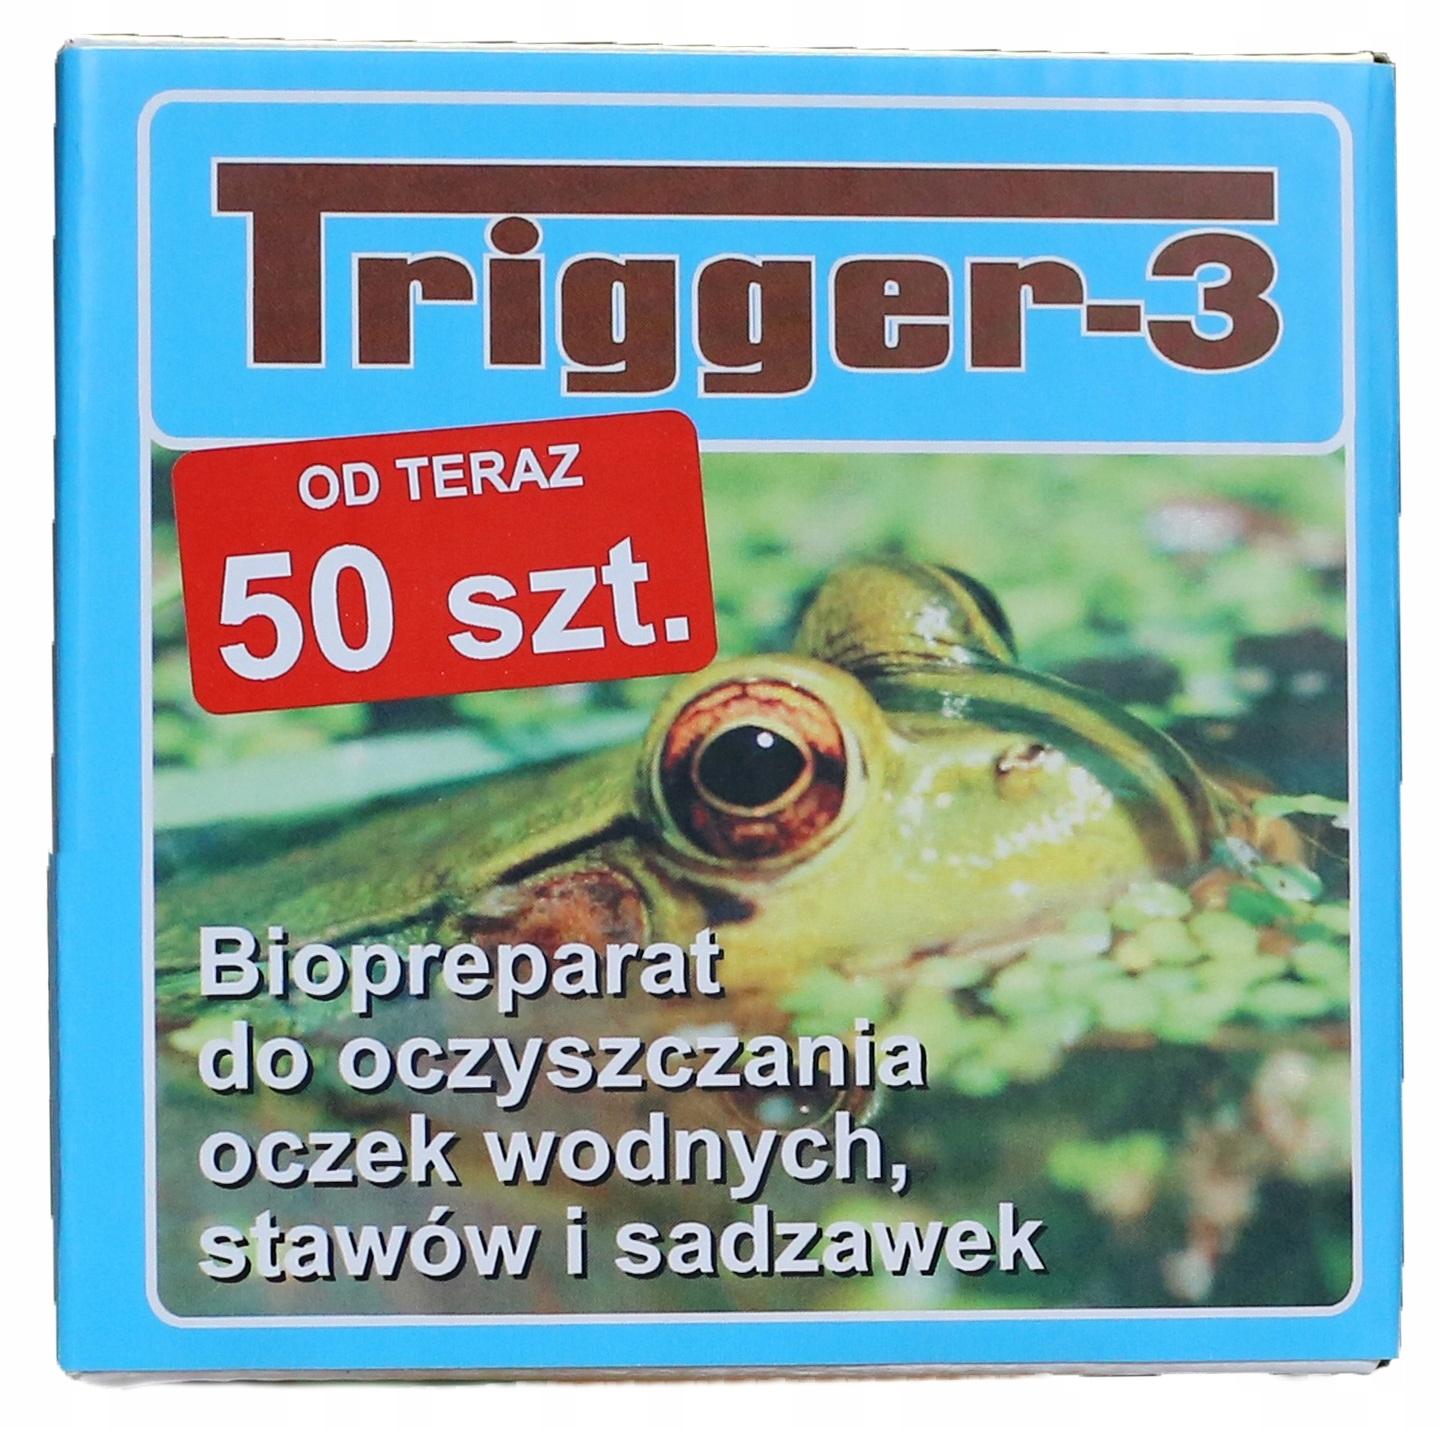 TRIGGER-3,50 BAKTERIE - CZYSTA WODA W OCZKU WODNYM